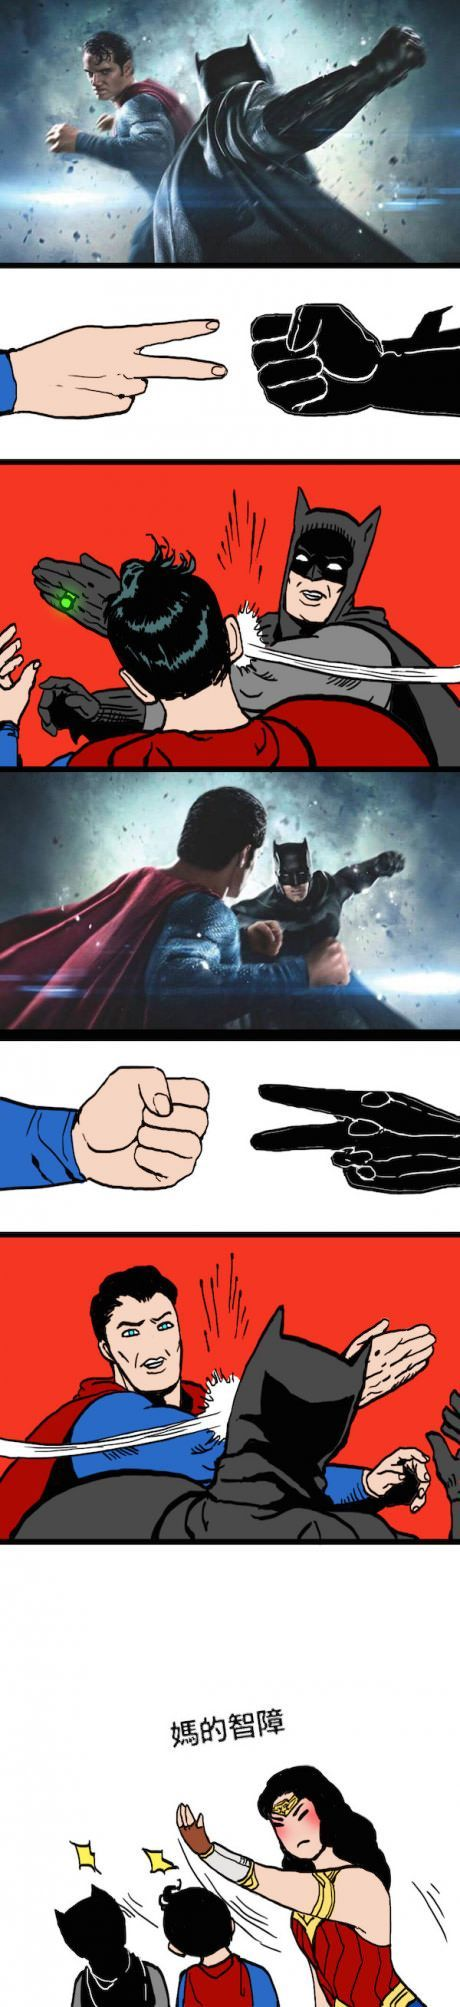 Сюжет по новому Batman, Superman v, чудо баба, длиннопост